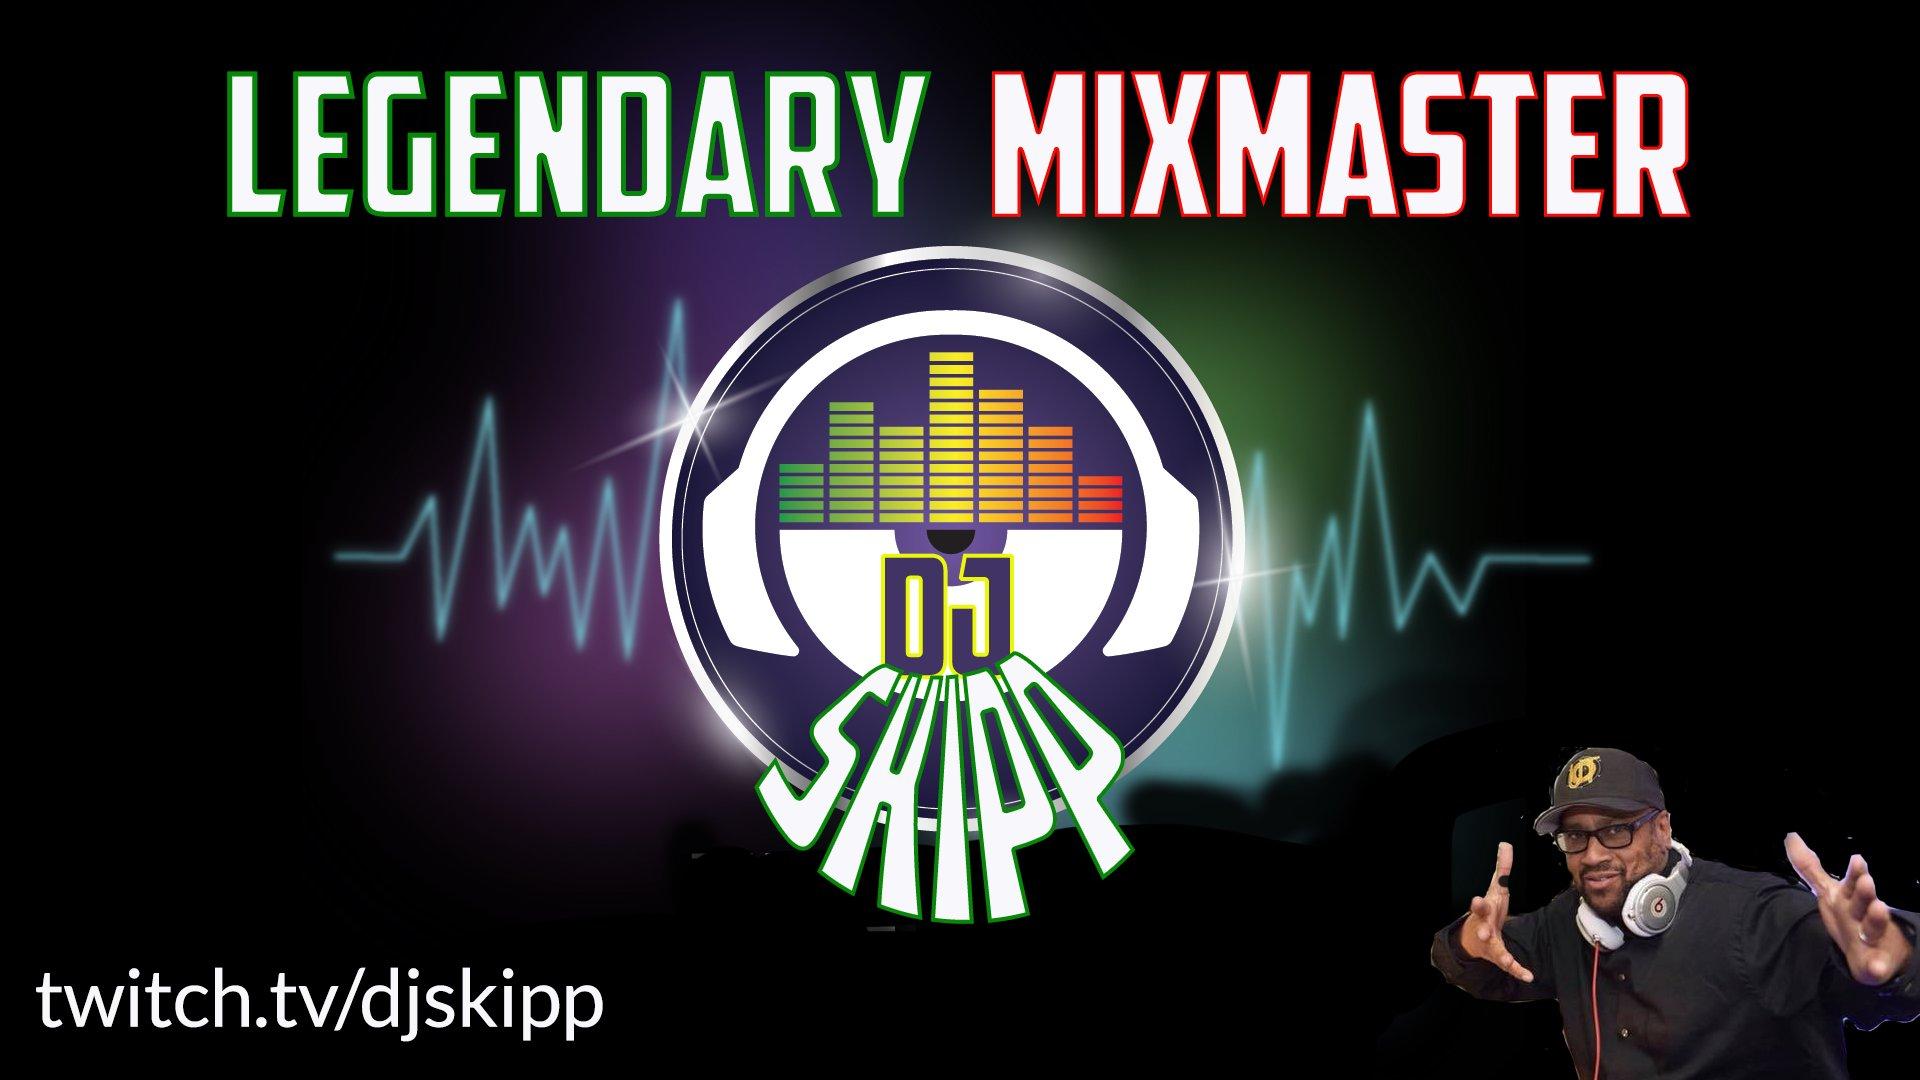 Twitch stream of DJSkipp